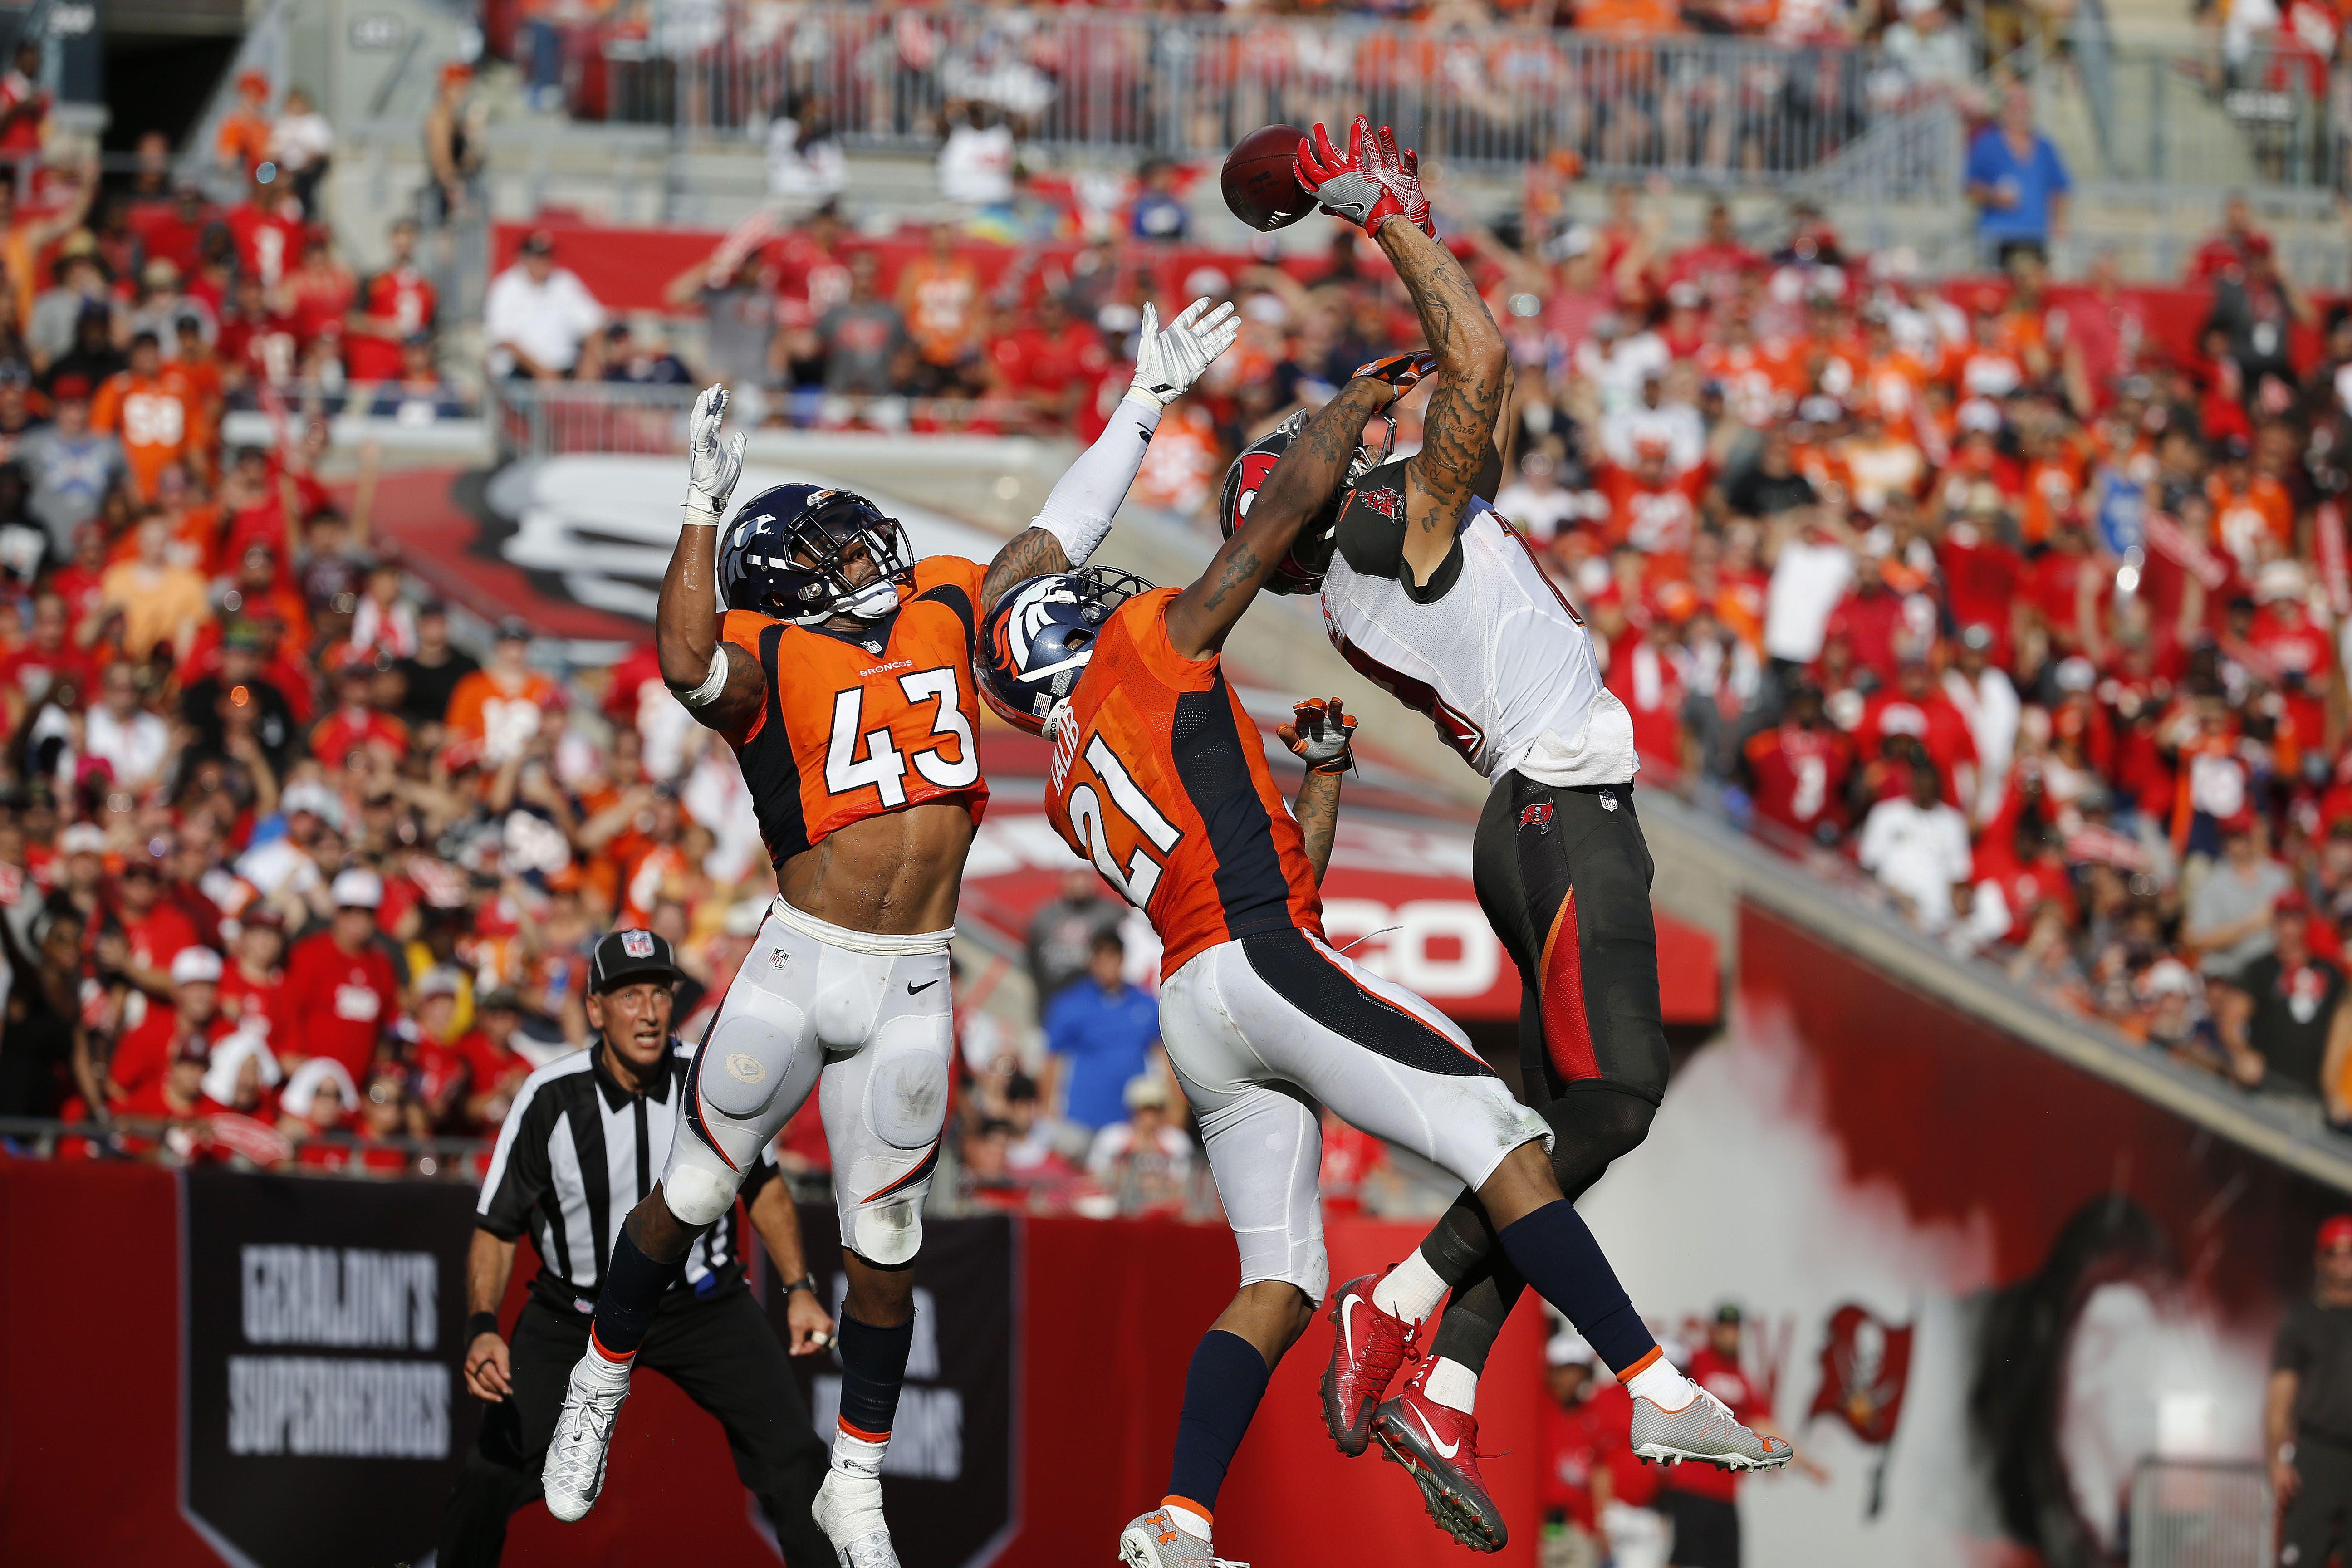 Oct 2 2016 Tampa Fl Usa Denver Broncos Strong Safety T J Ward 43 And Cornerback Aqib Talib 21 Break Up A Mike Evans Raymond James Stadium Aqib Talib